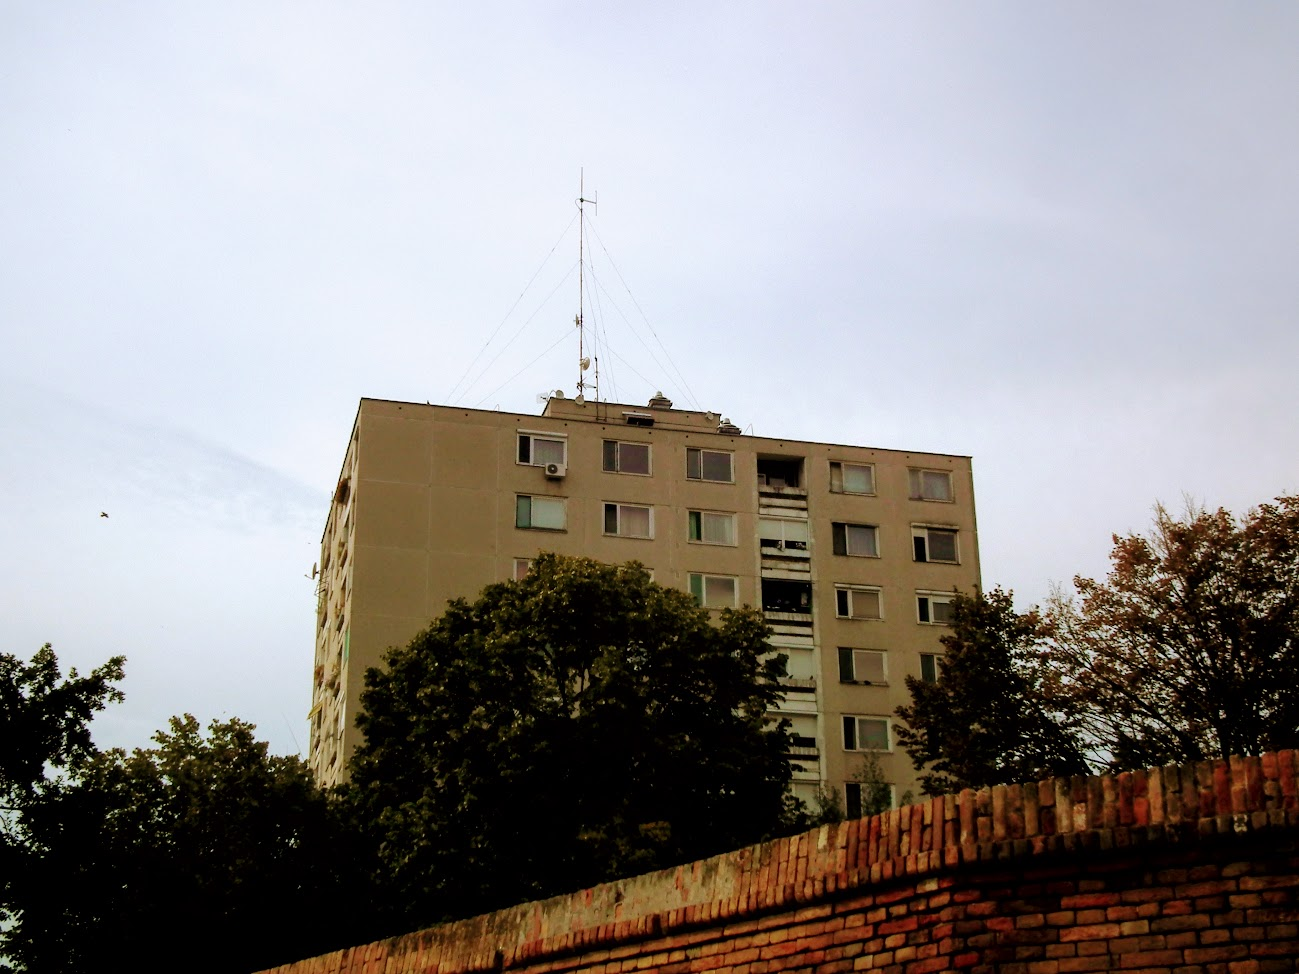 Hódmezővásárhely/toronyház - helyi URH-FM adóállomás